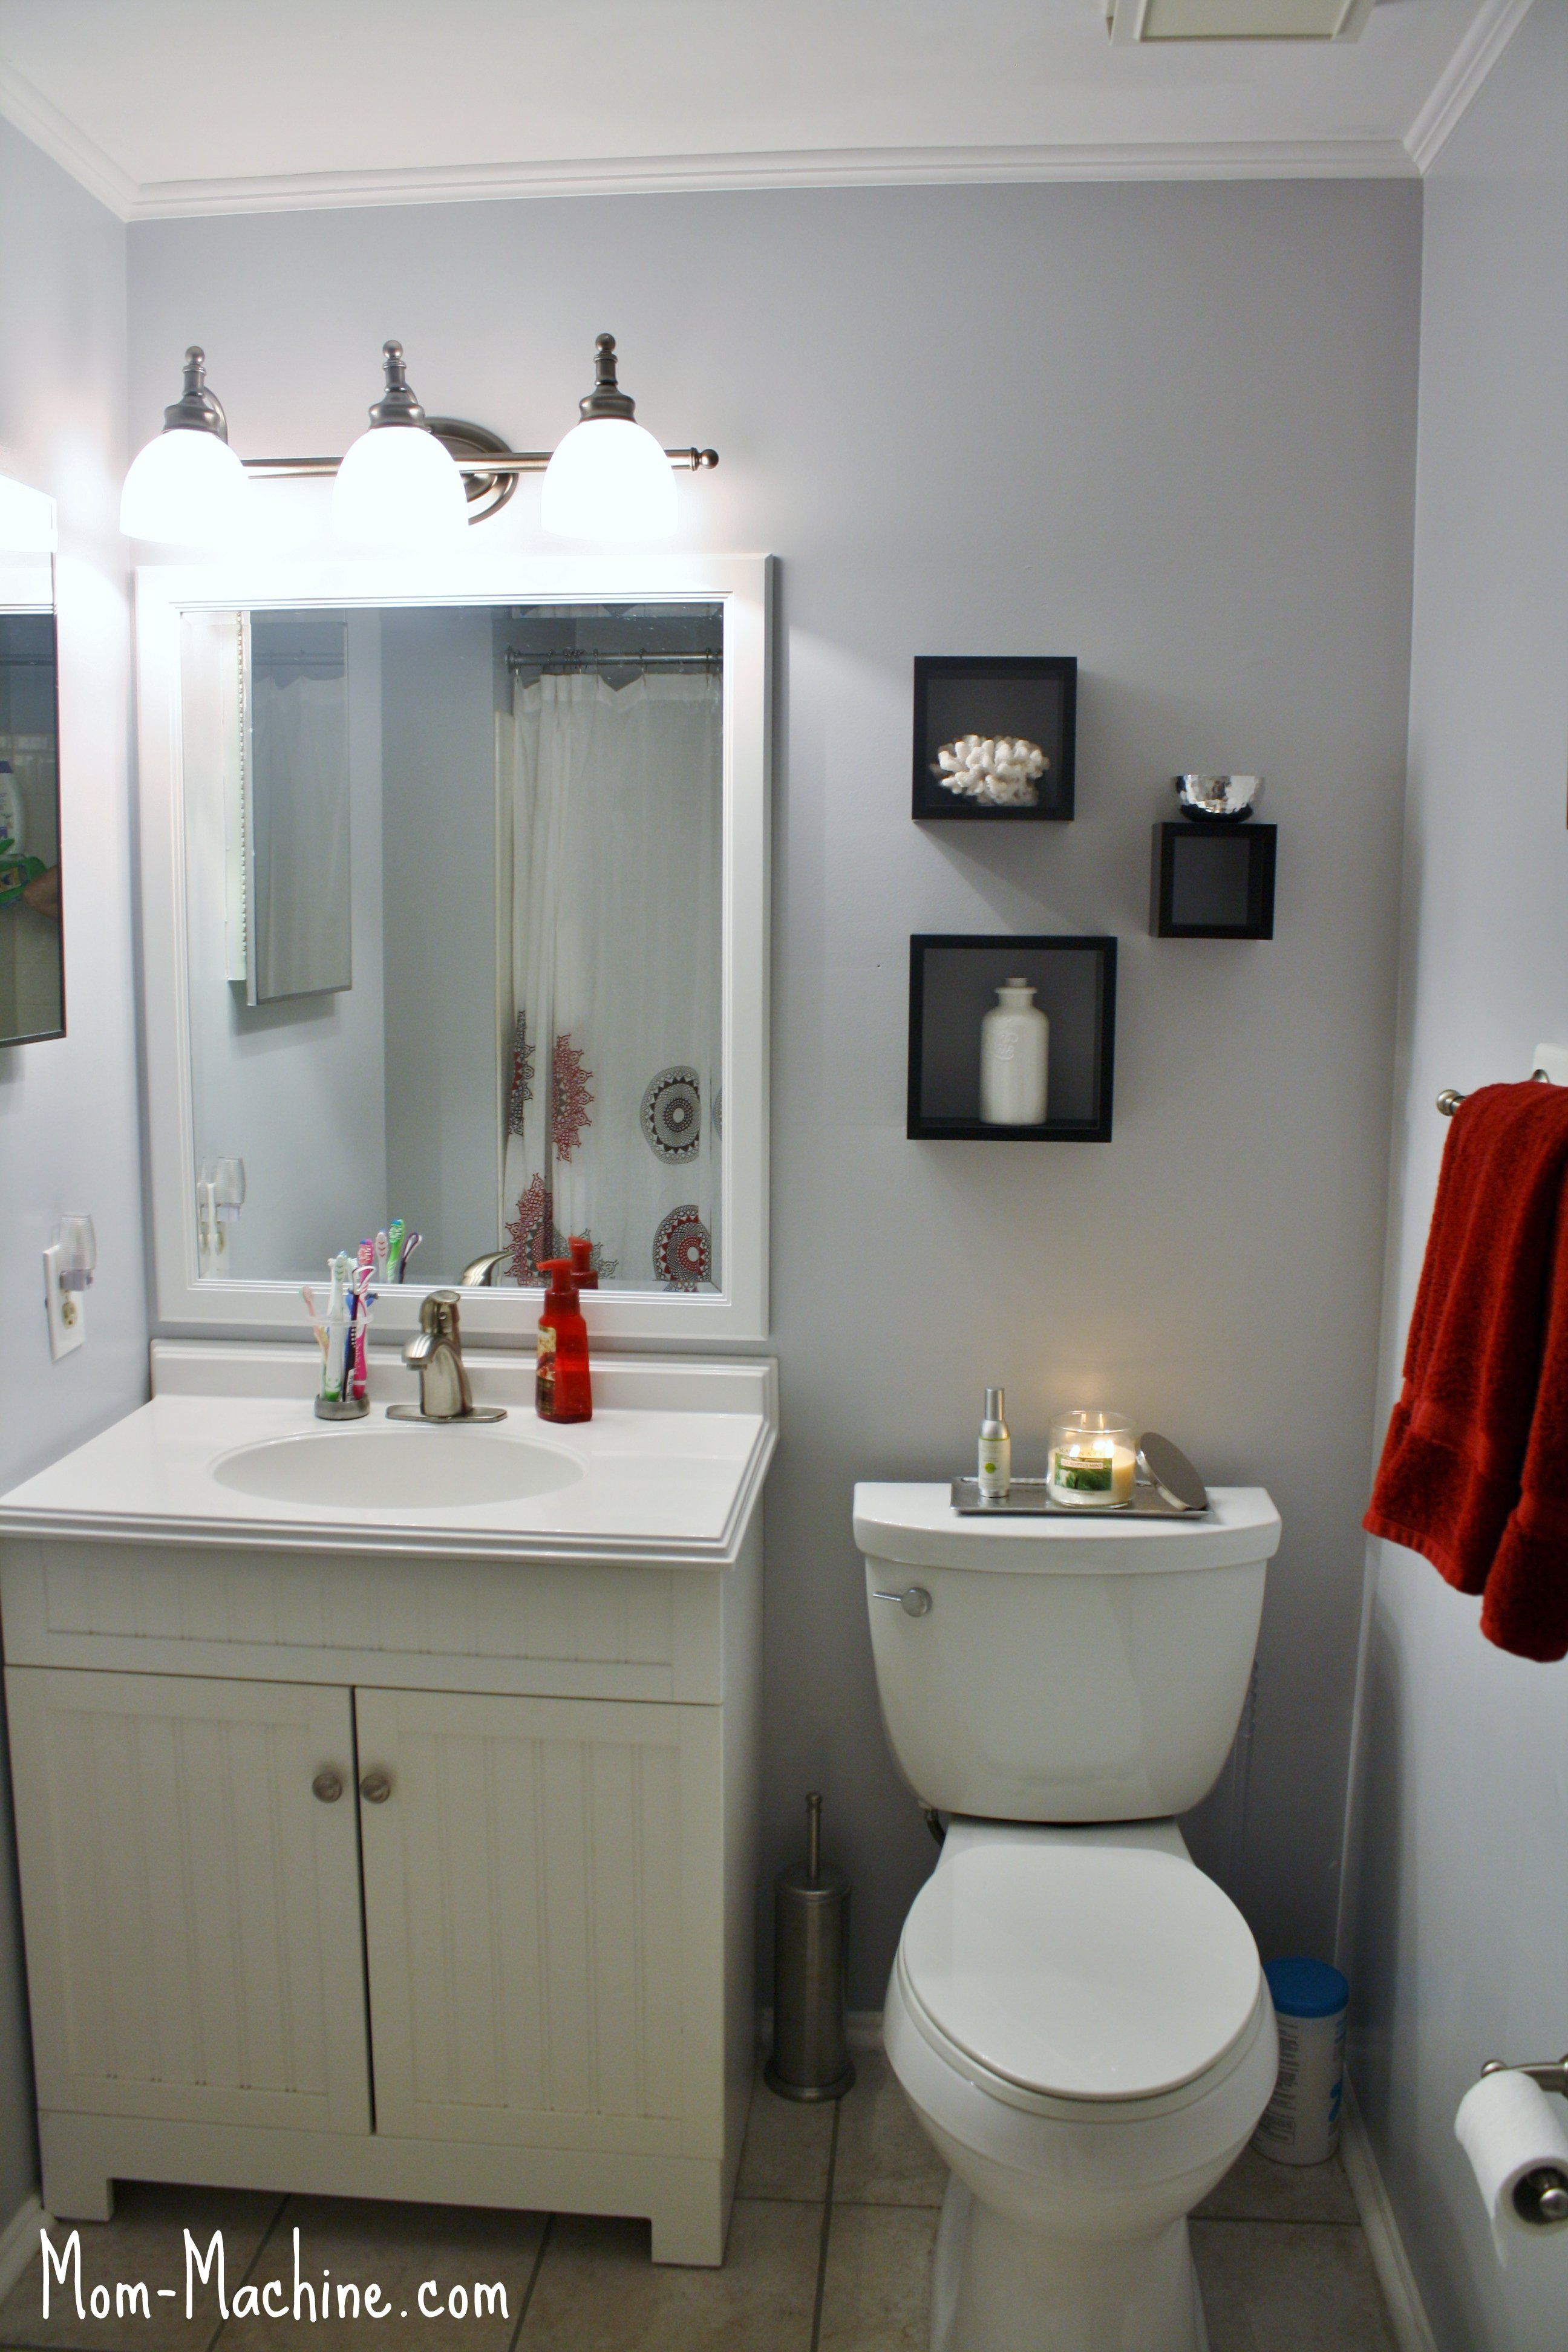 lowe's bathroom vanities Bathroom Redesign for Under